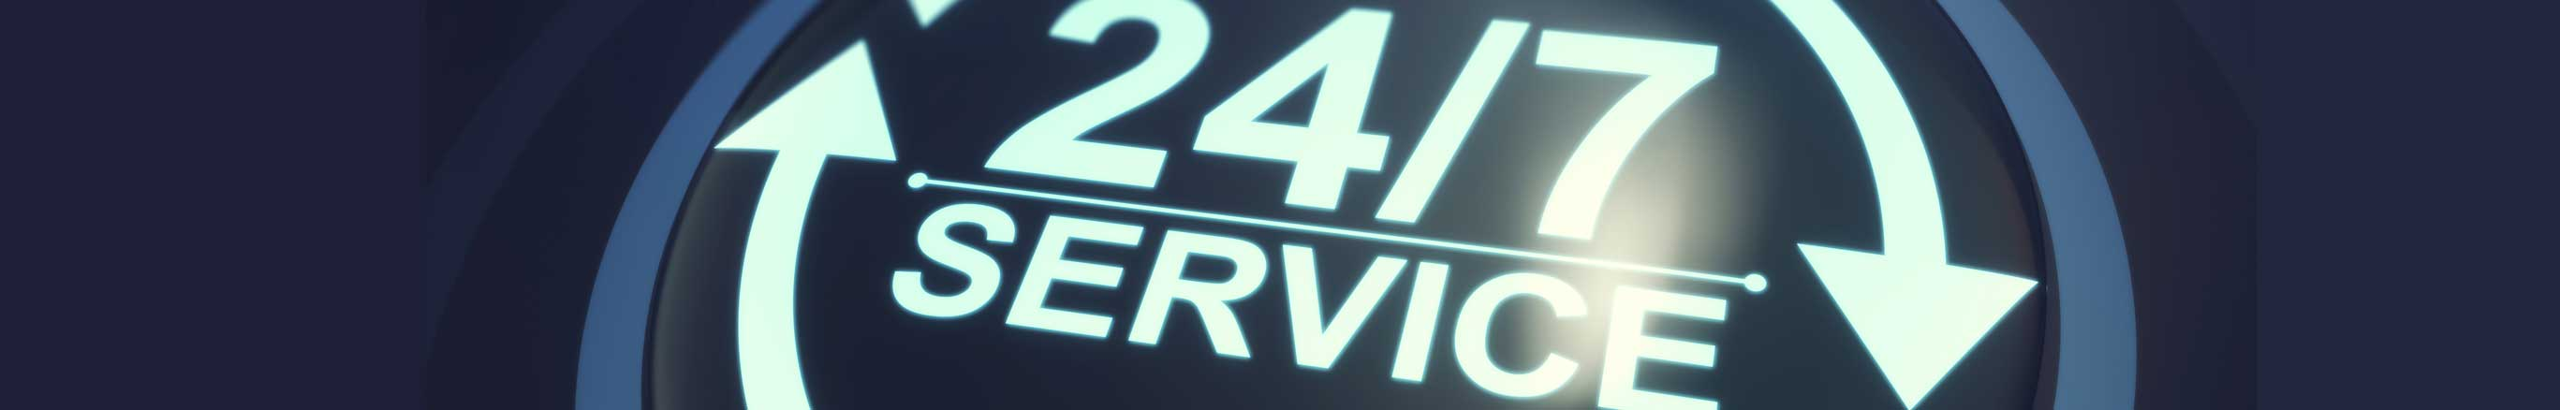 LoPriore 24 Hour Service